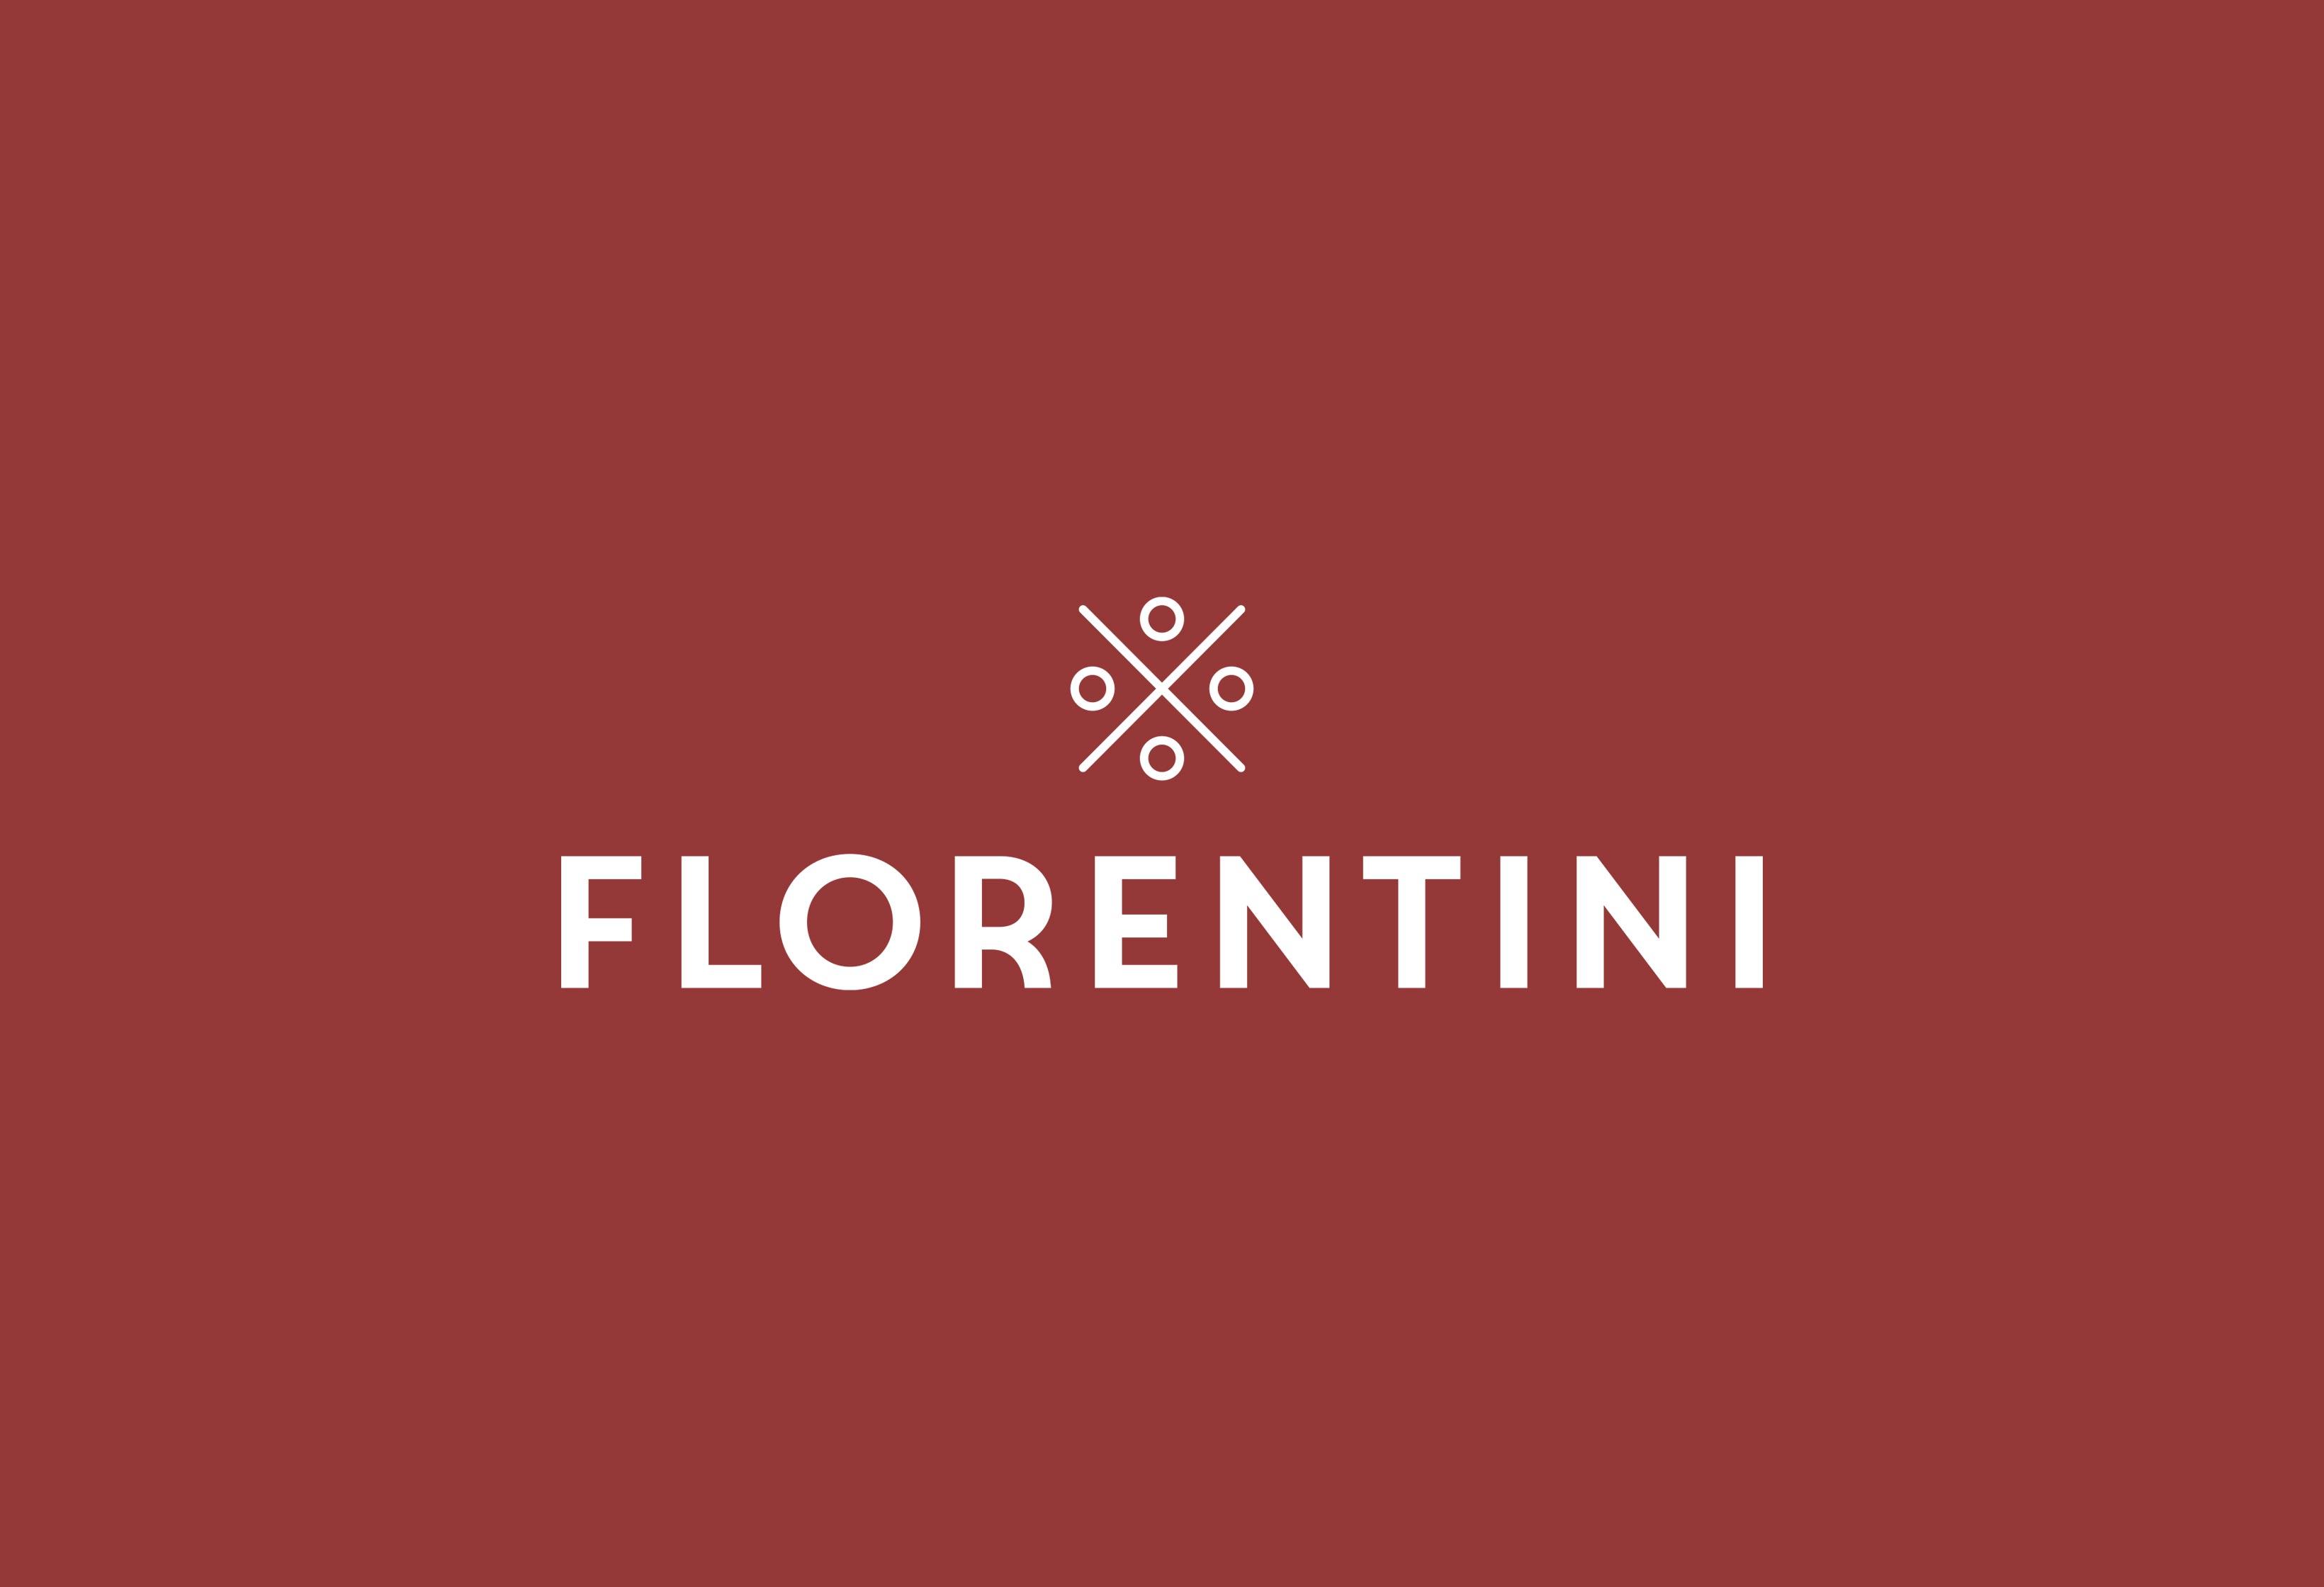 q2-werbeagentur_florentini_logo